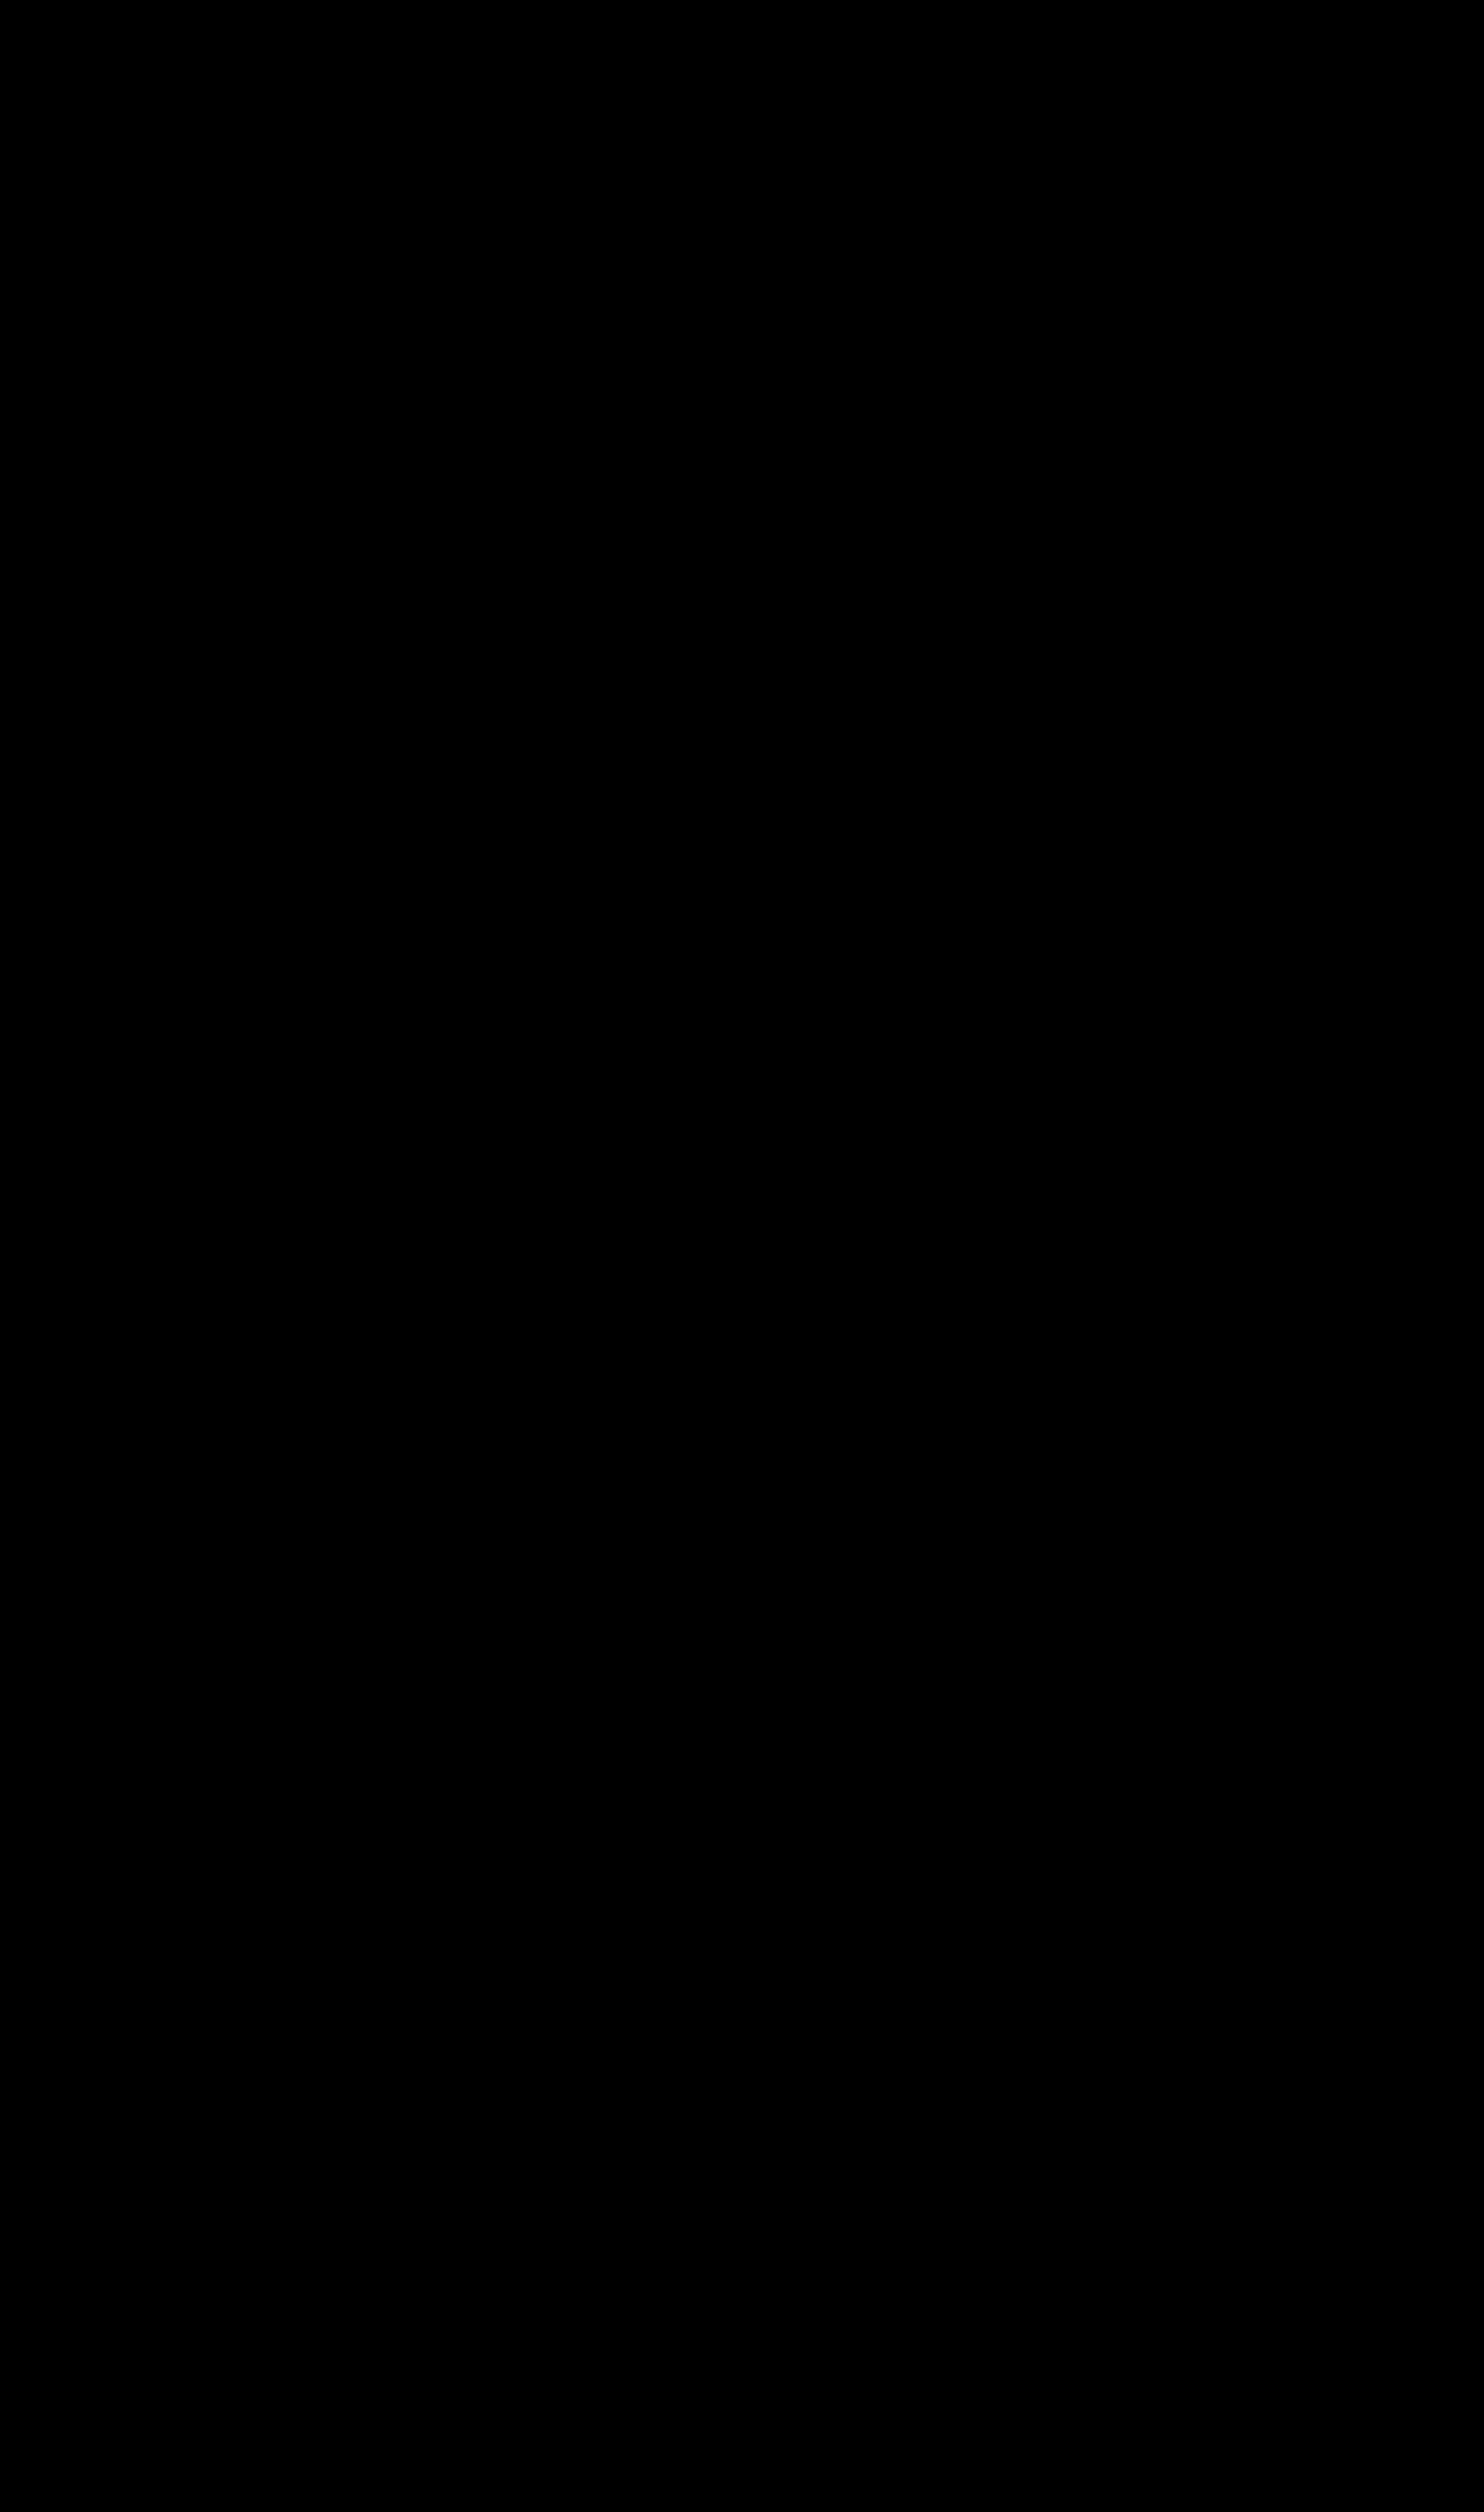 Lightbulb light bulb clip art image